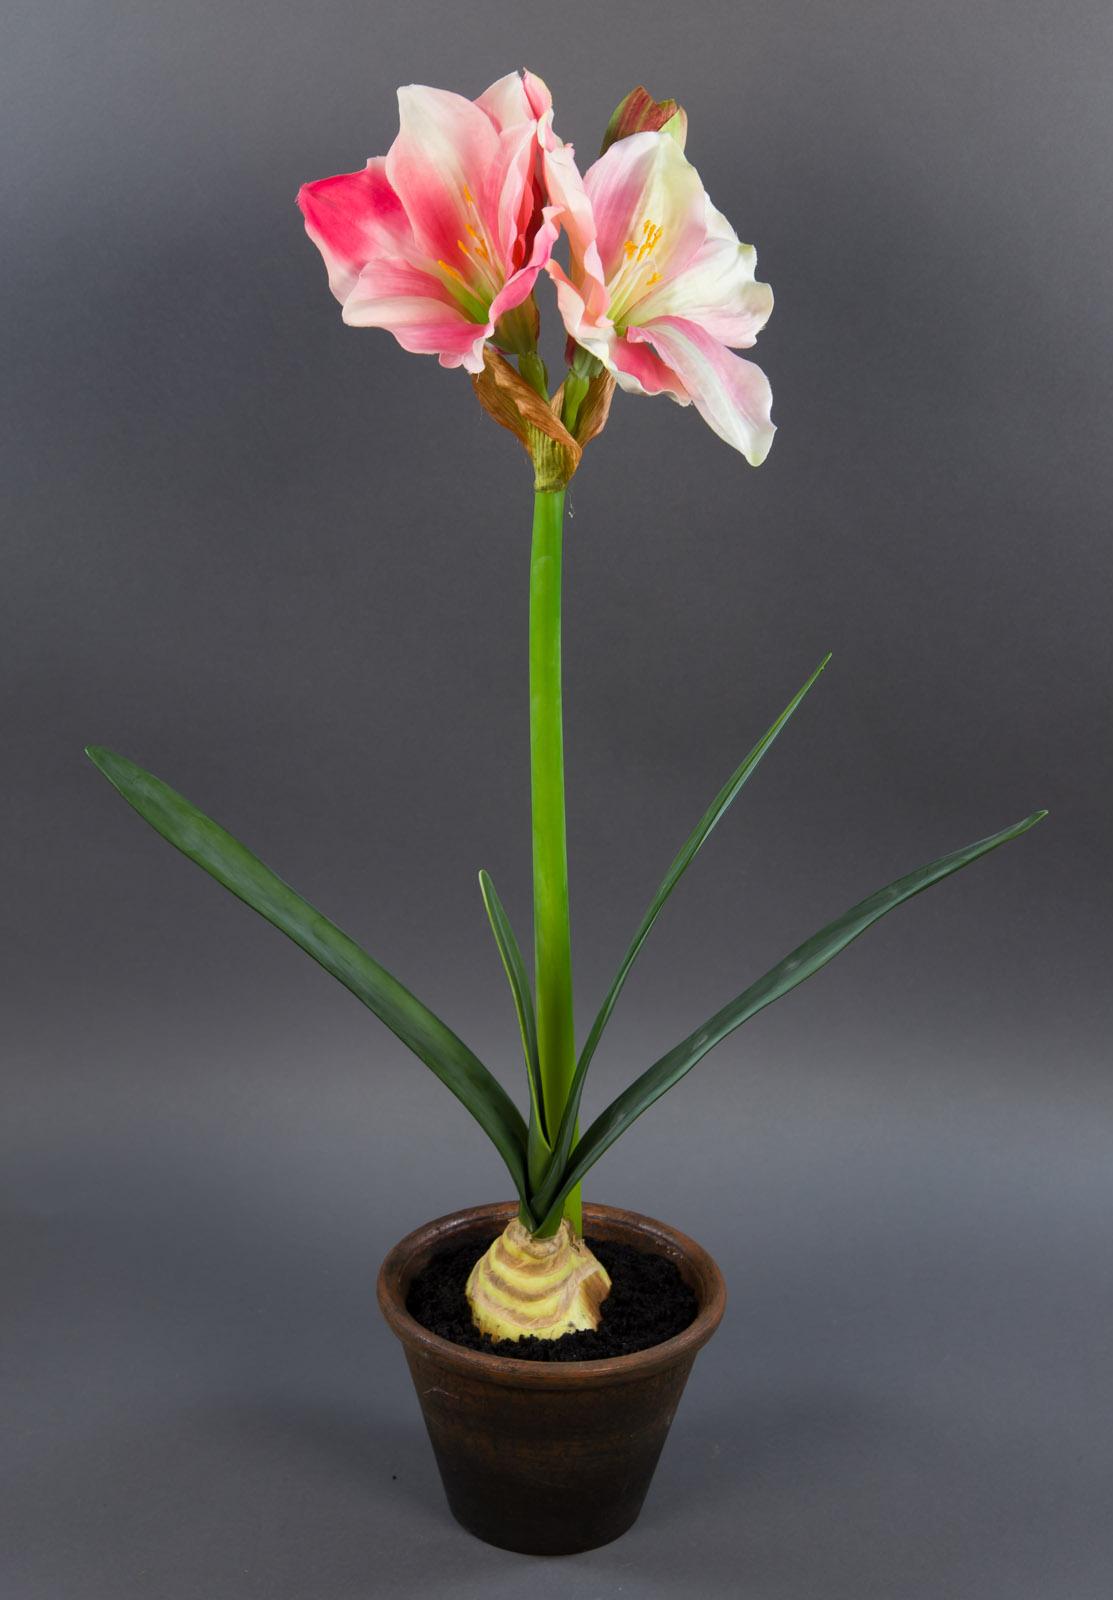 gro e amaryllispflanze 67cm rosa creme kunstpflanzen k nstliche amaryllis blumen ebay. Black Bedroom Furniture Sets. Home Design Ideas